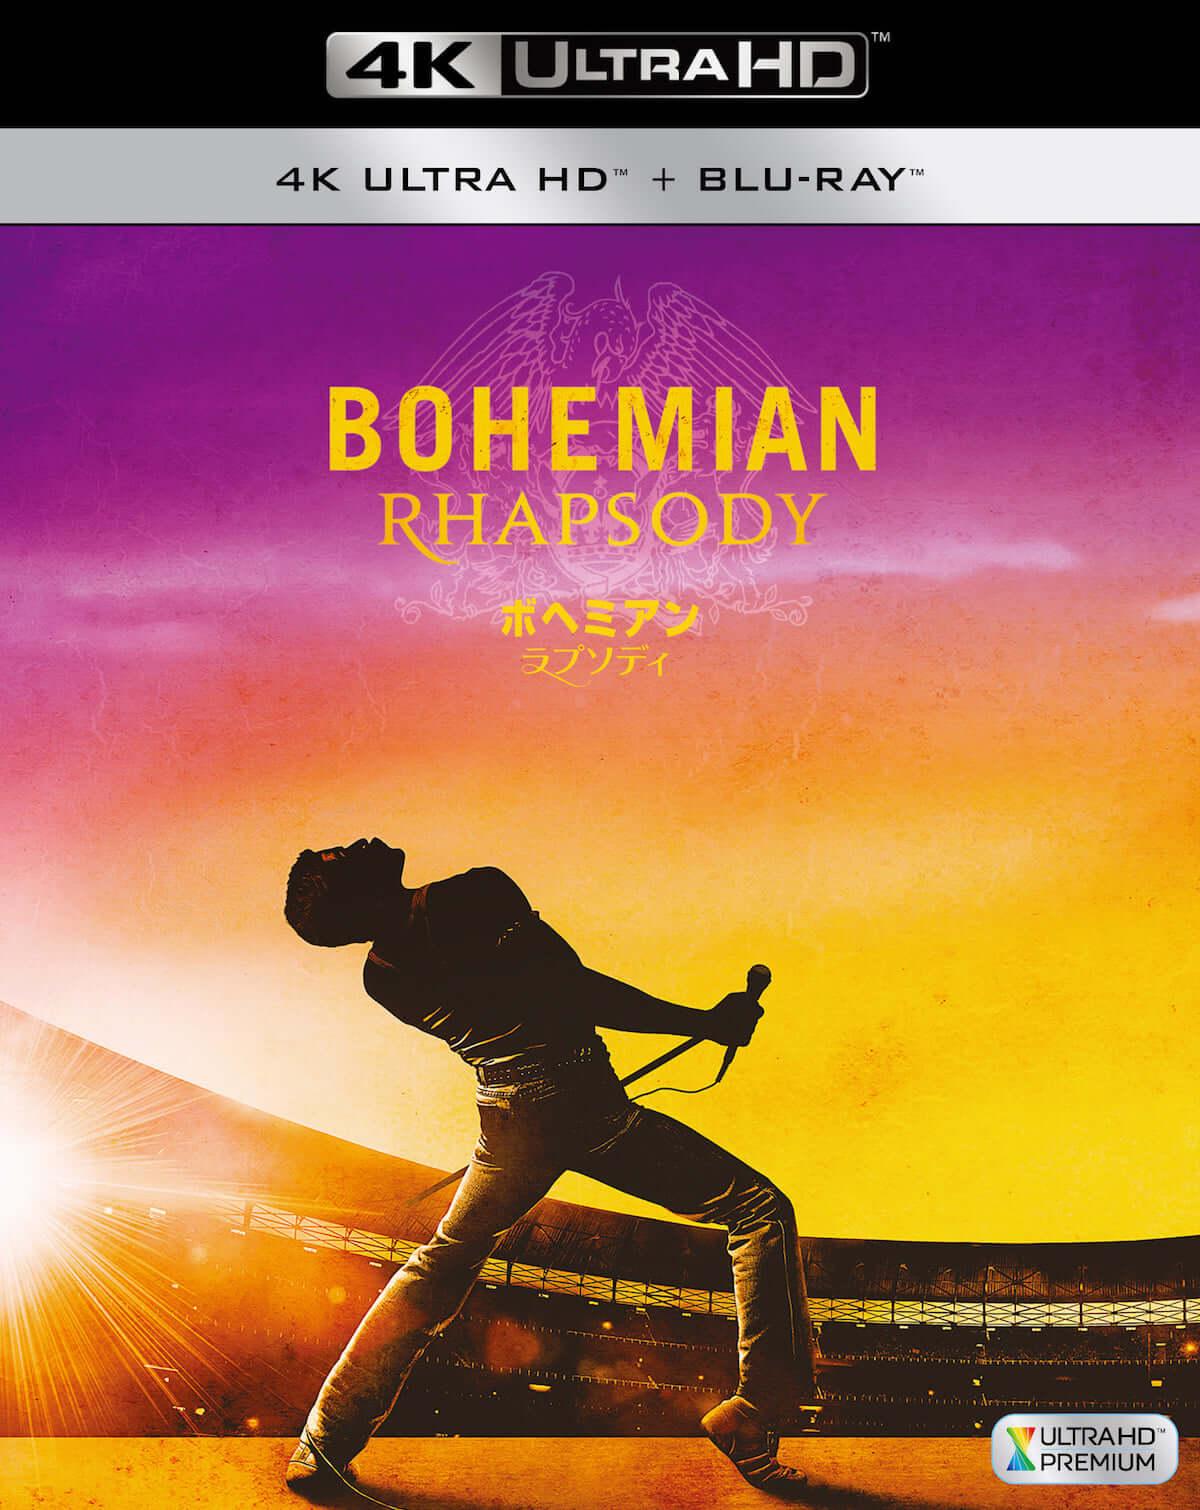 映画『ボヘミアン・ラプソディ』、劇場未収録のライブ・エイド完全版収録ブルーレイ&DVDが日本で発売決定! video190405_bohemianrhapsody_1-1200x1510